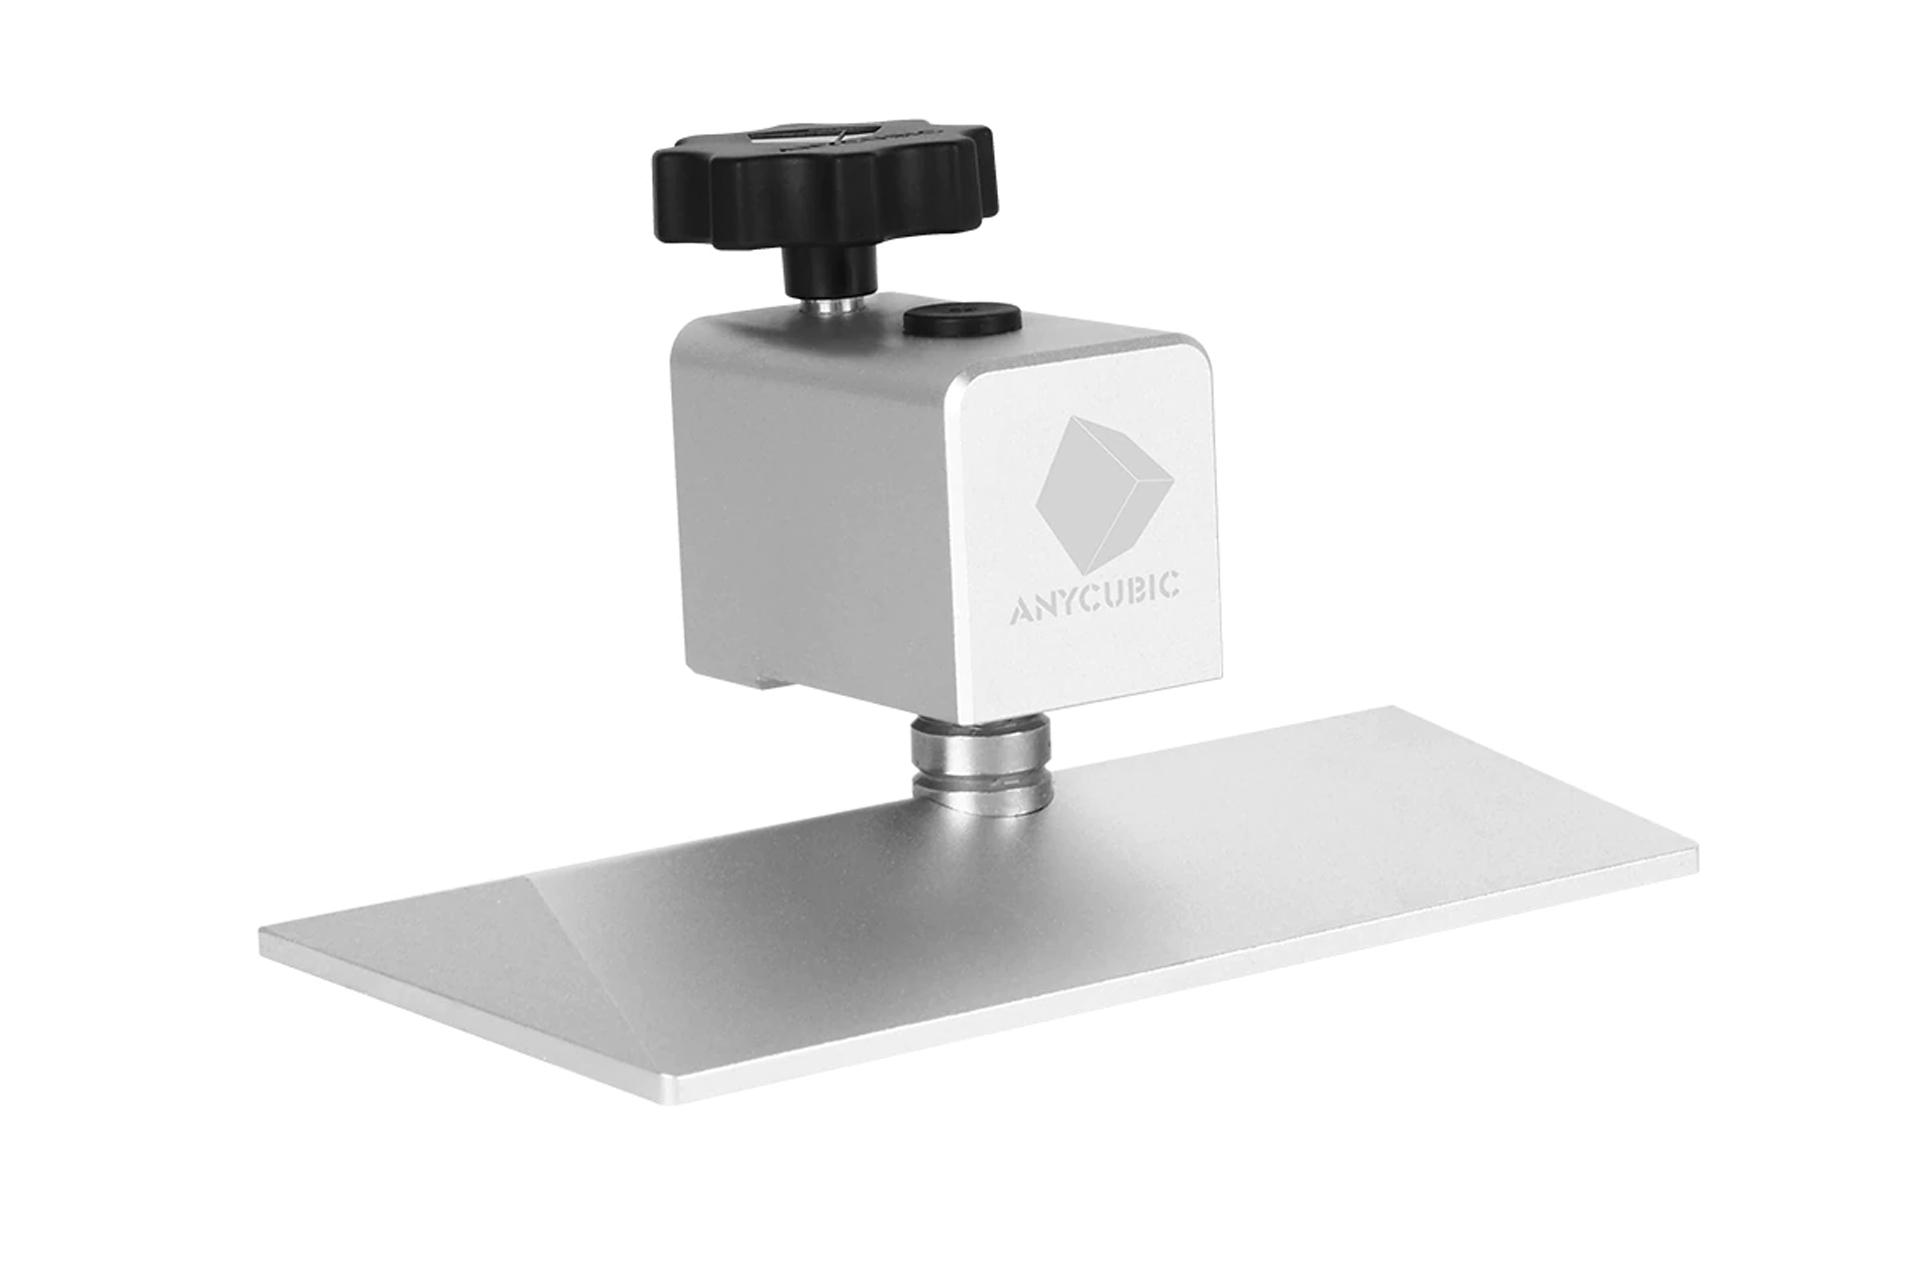 Платформа для печати для 3D принтера Anycubic Photon Mono SE купить киев харьков днепр запорожье львов одесса 1